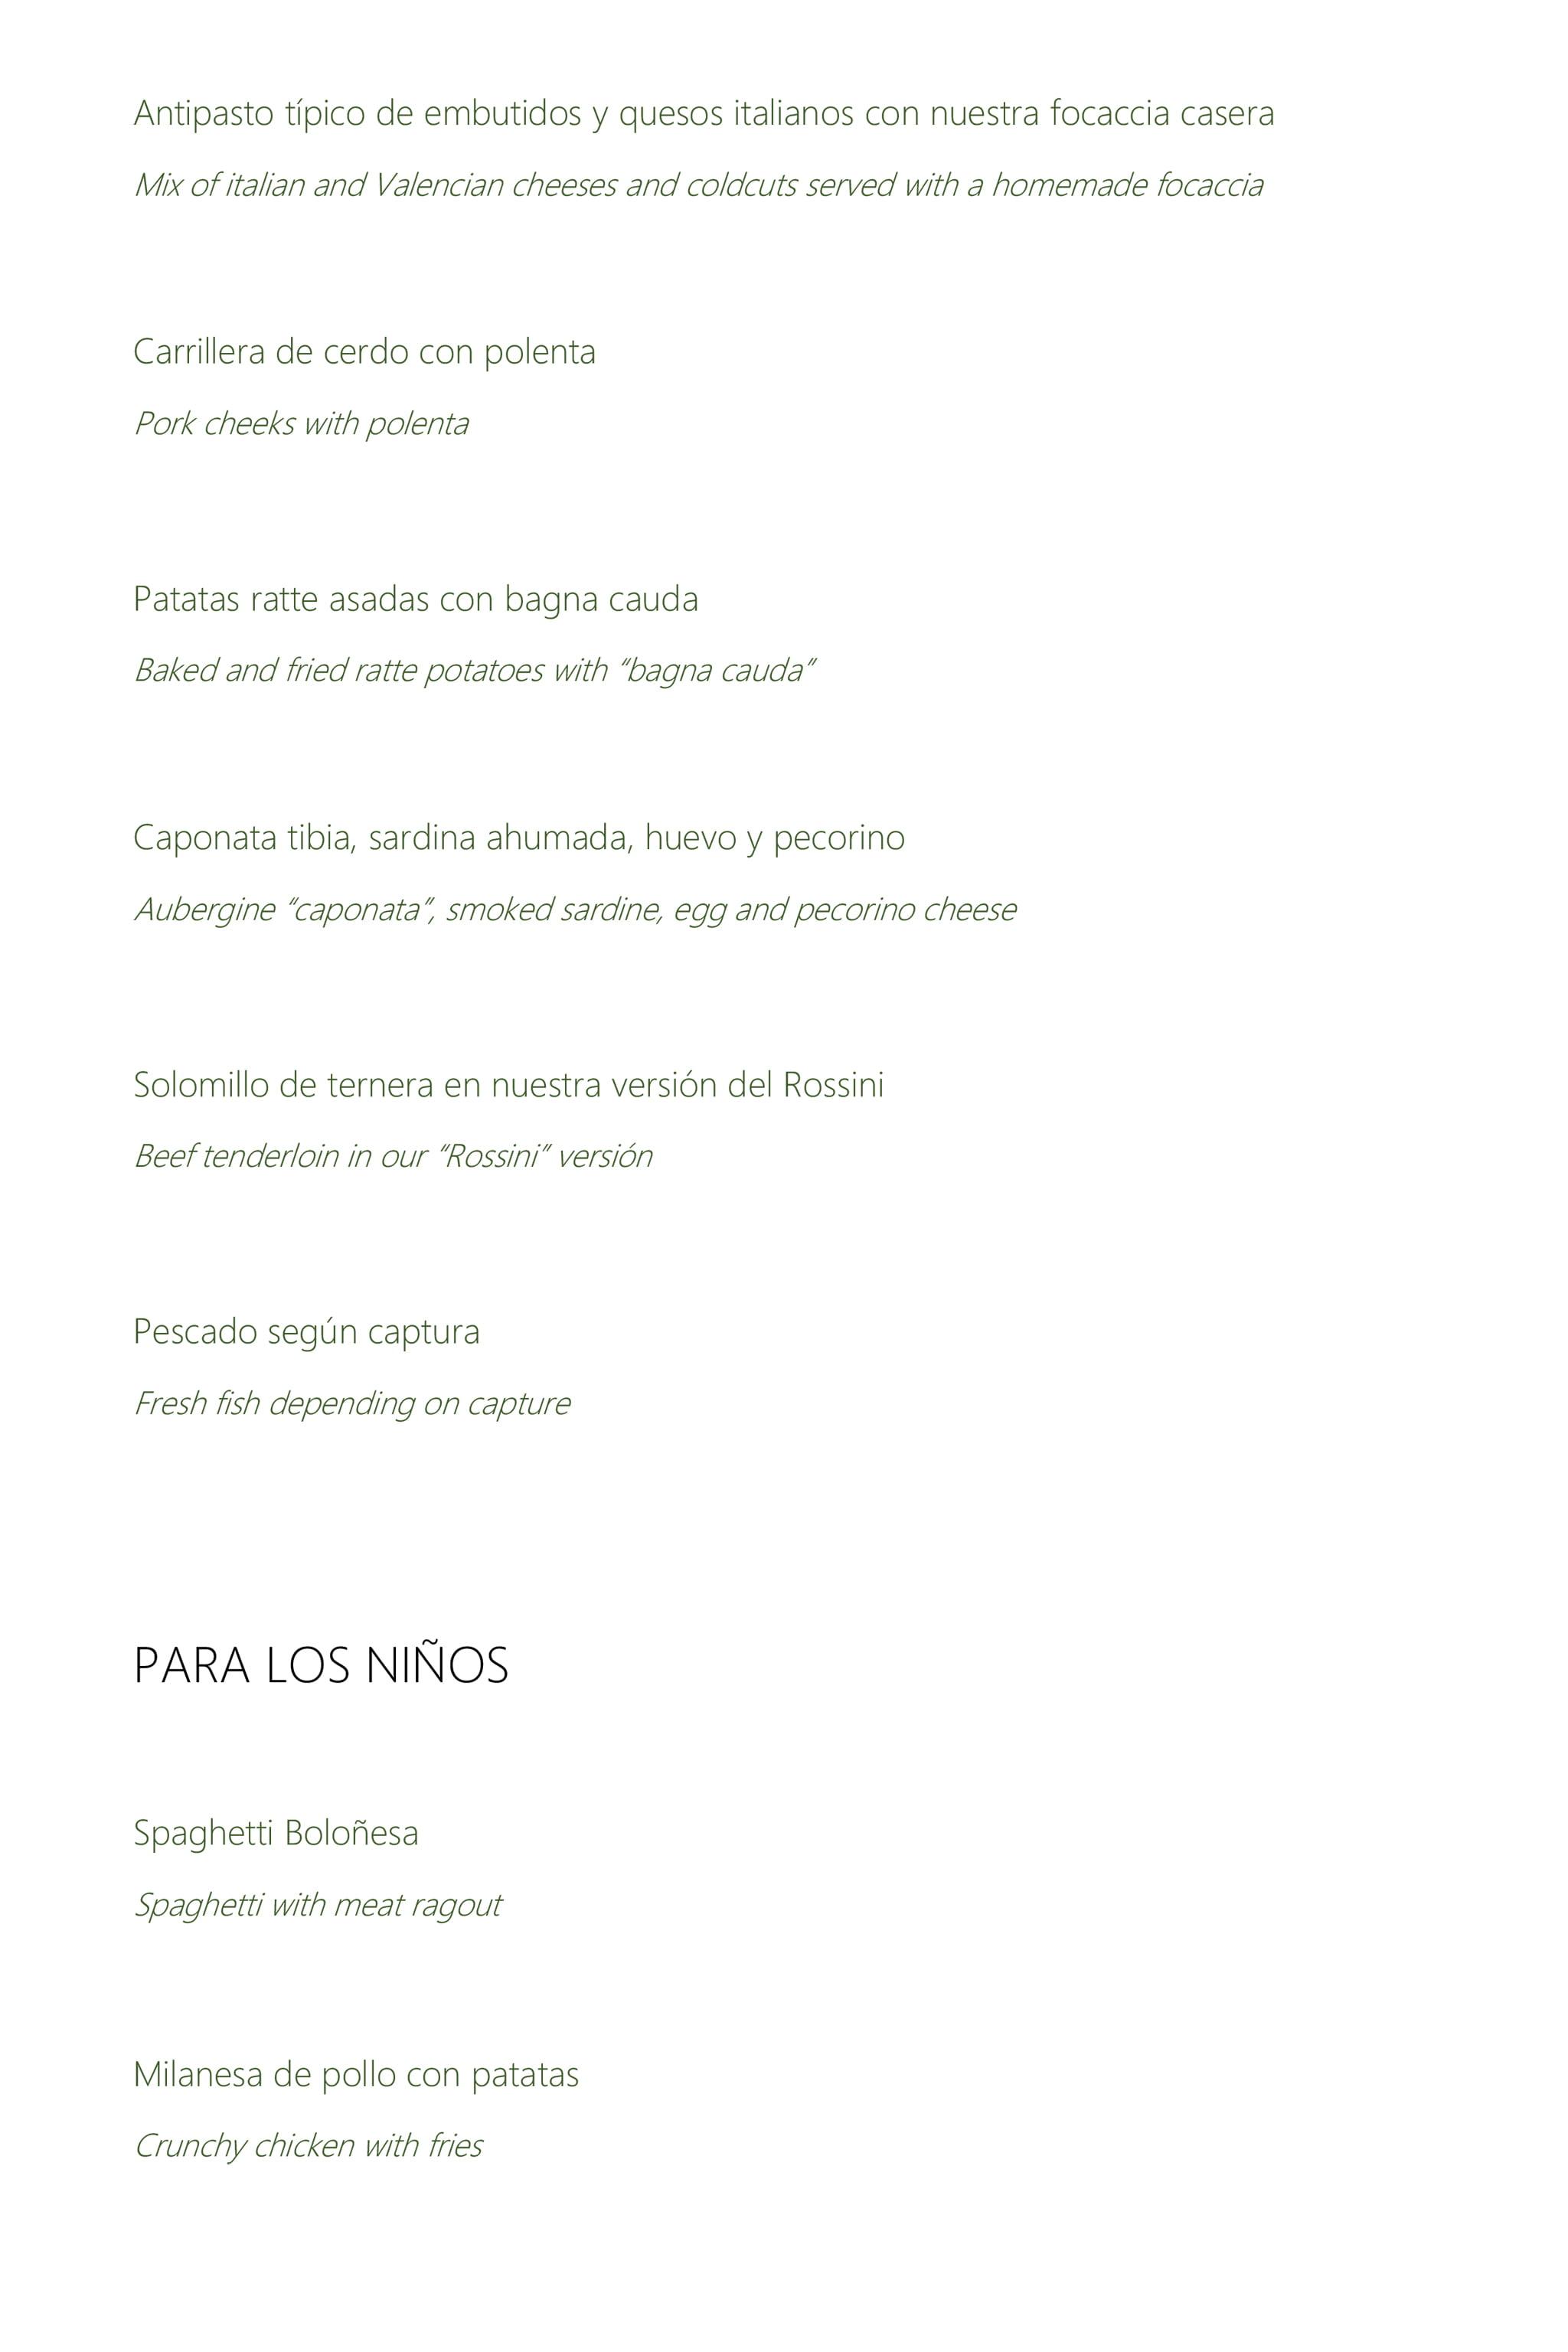 Nueva carta en el Restaurante Da Giulia, página 2